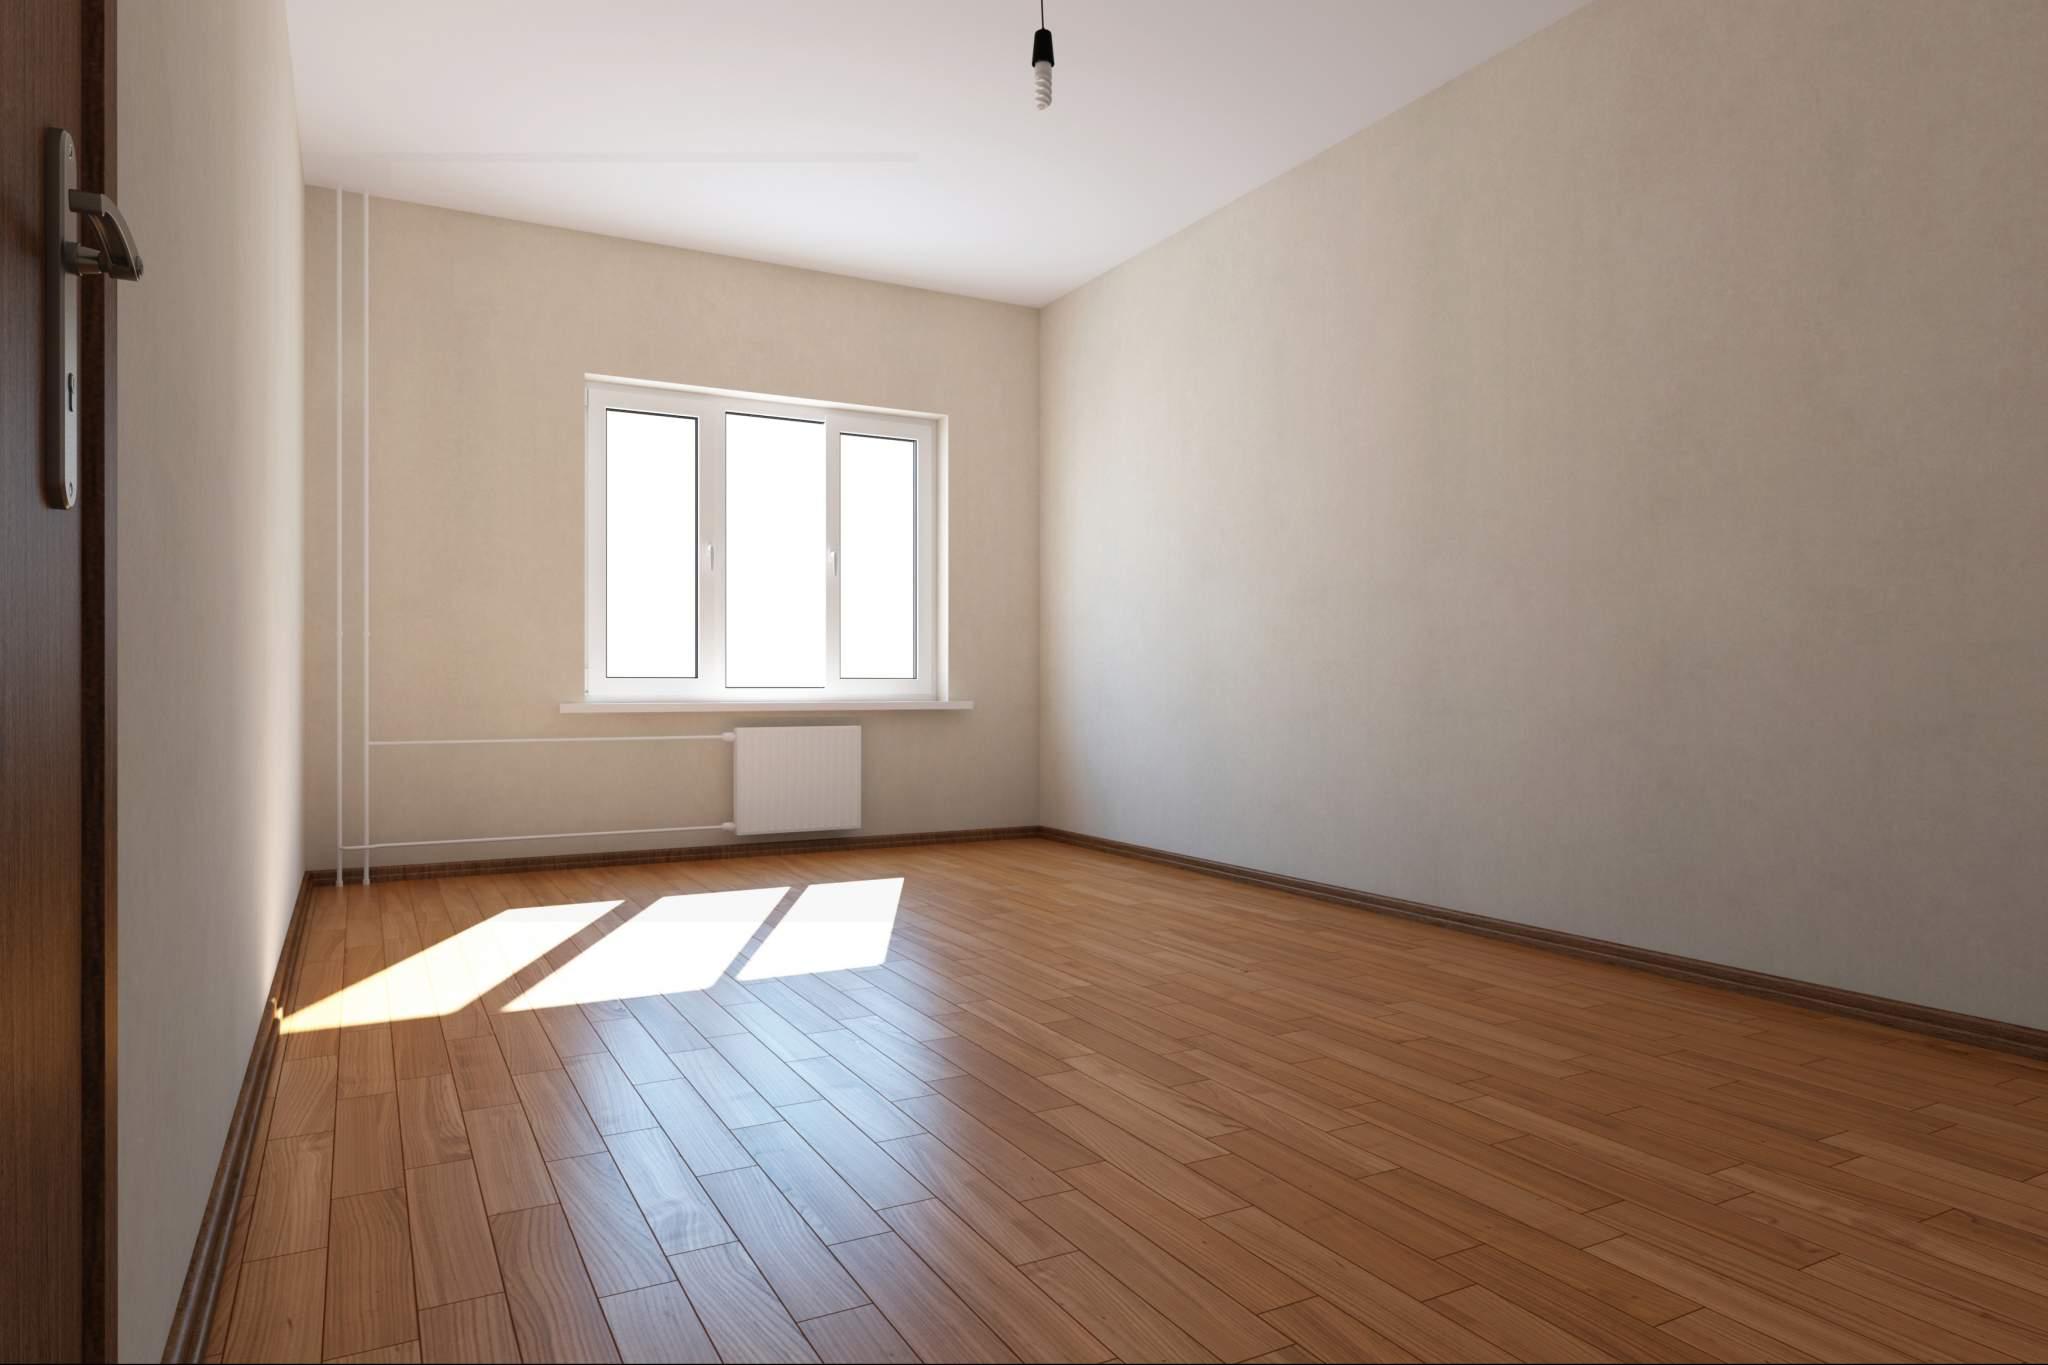 Капитальный ремонт квартир в Москве: цены, фото, видео